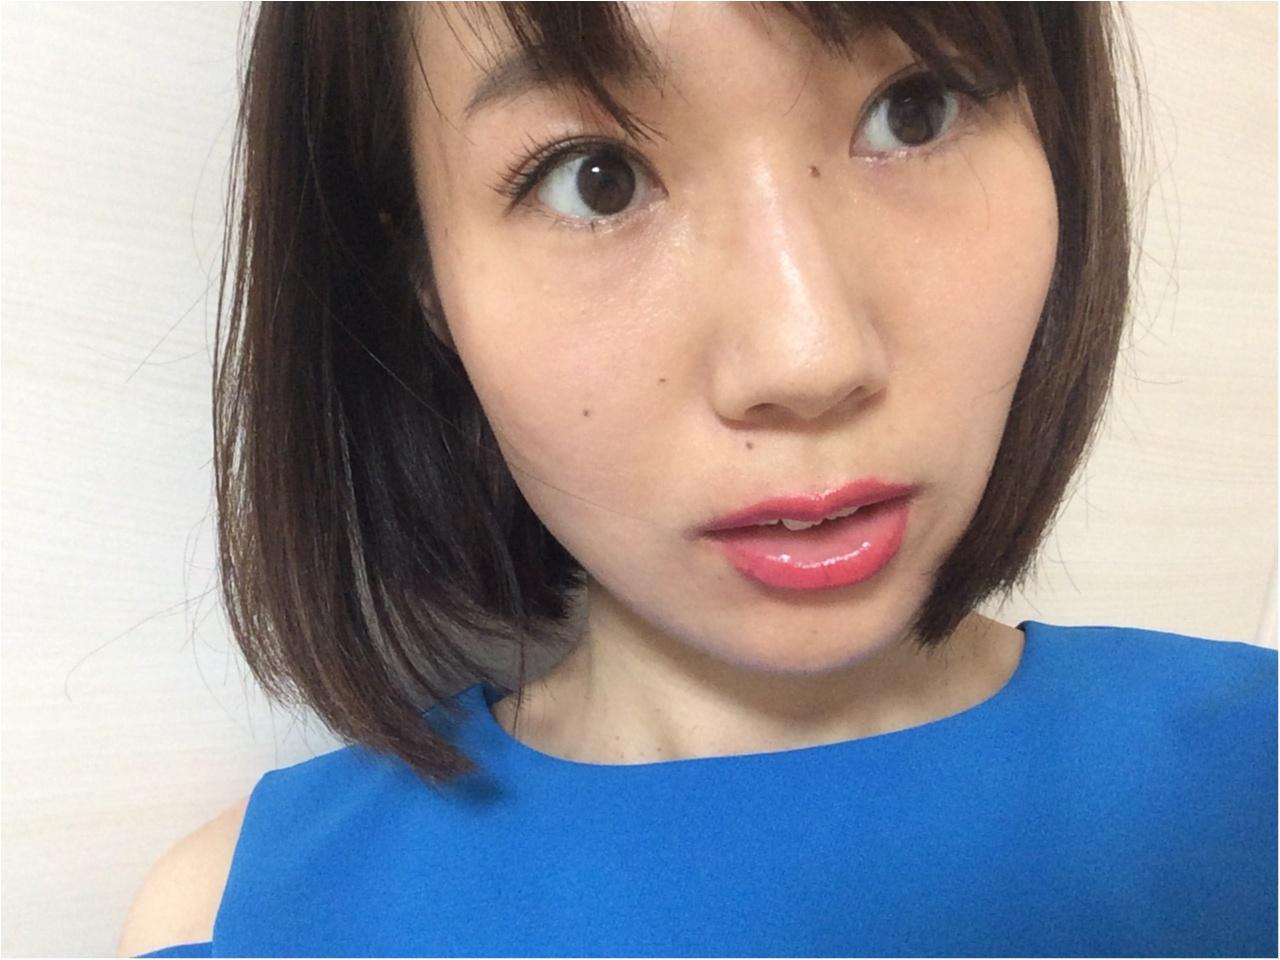 夏【本気美白】ツヤ・ハリも叶える《イグニスVQ》シリーズでホワイトニング美容始めました〜♡_4